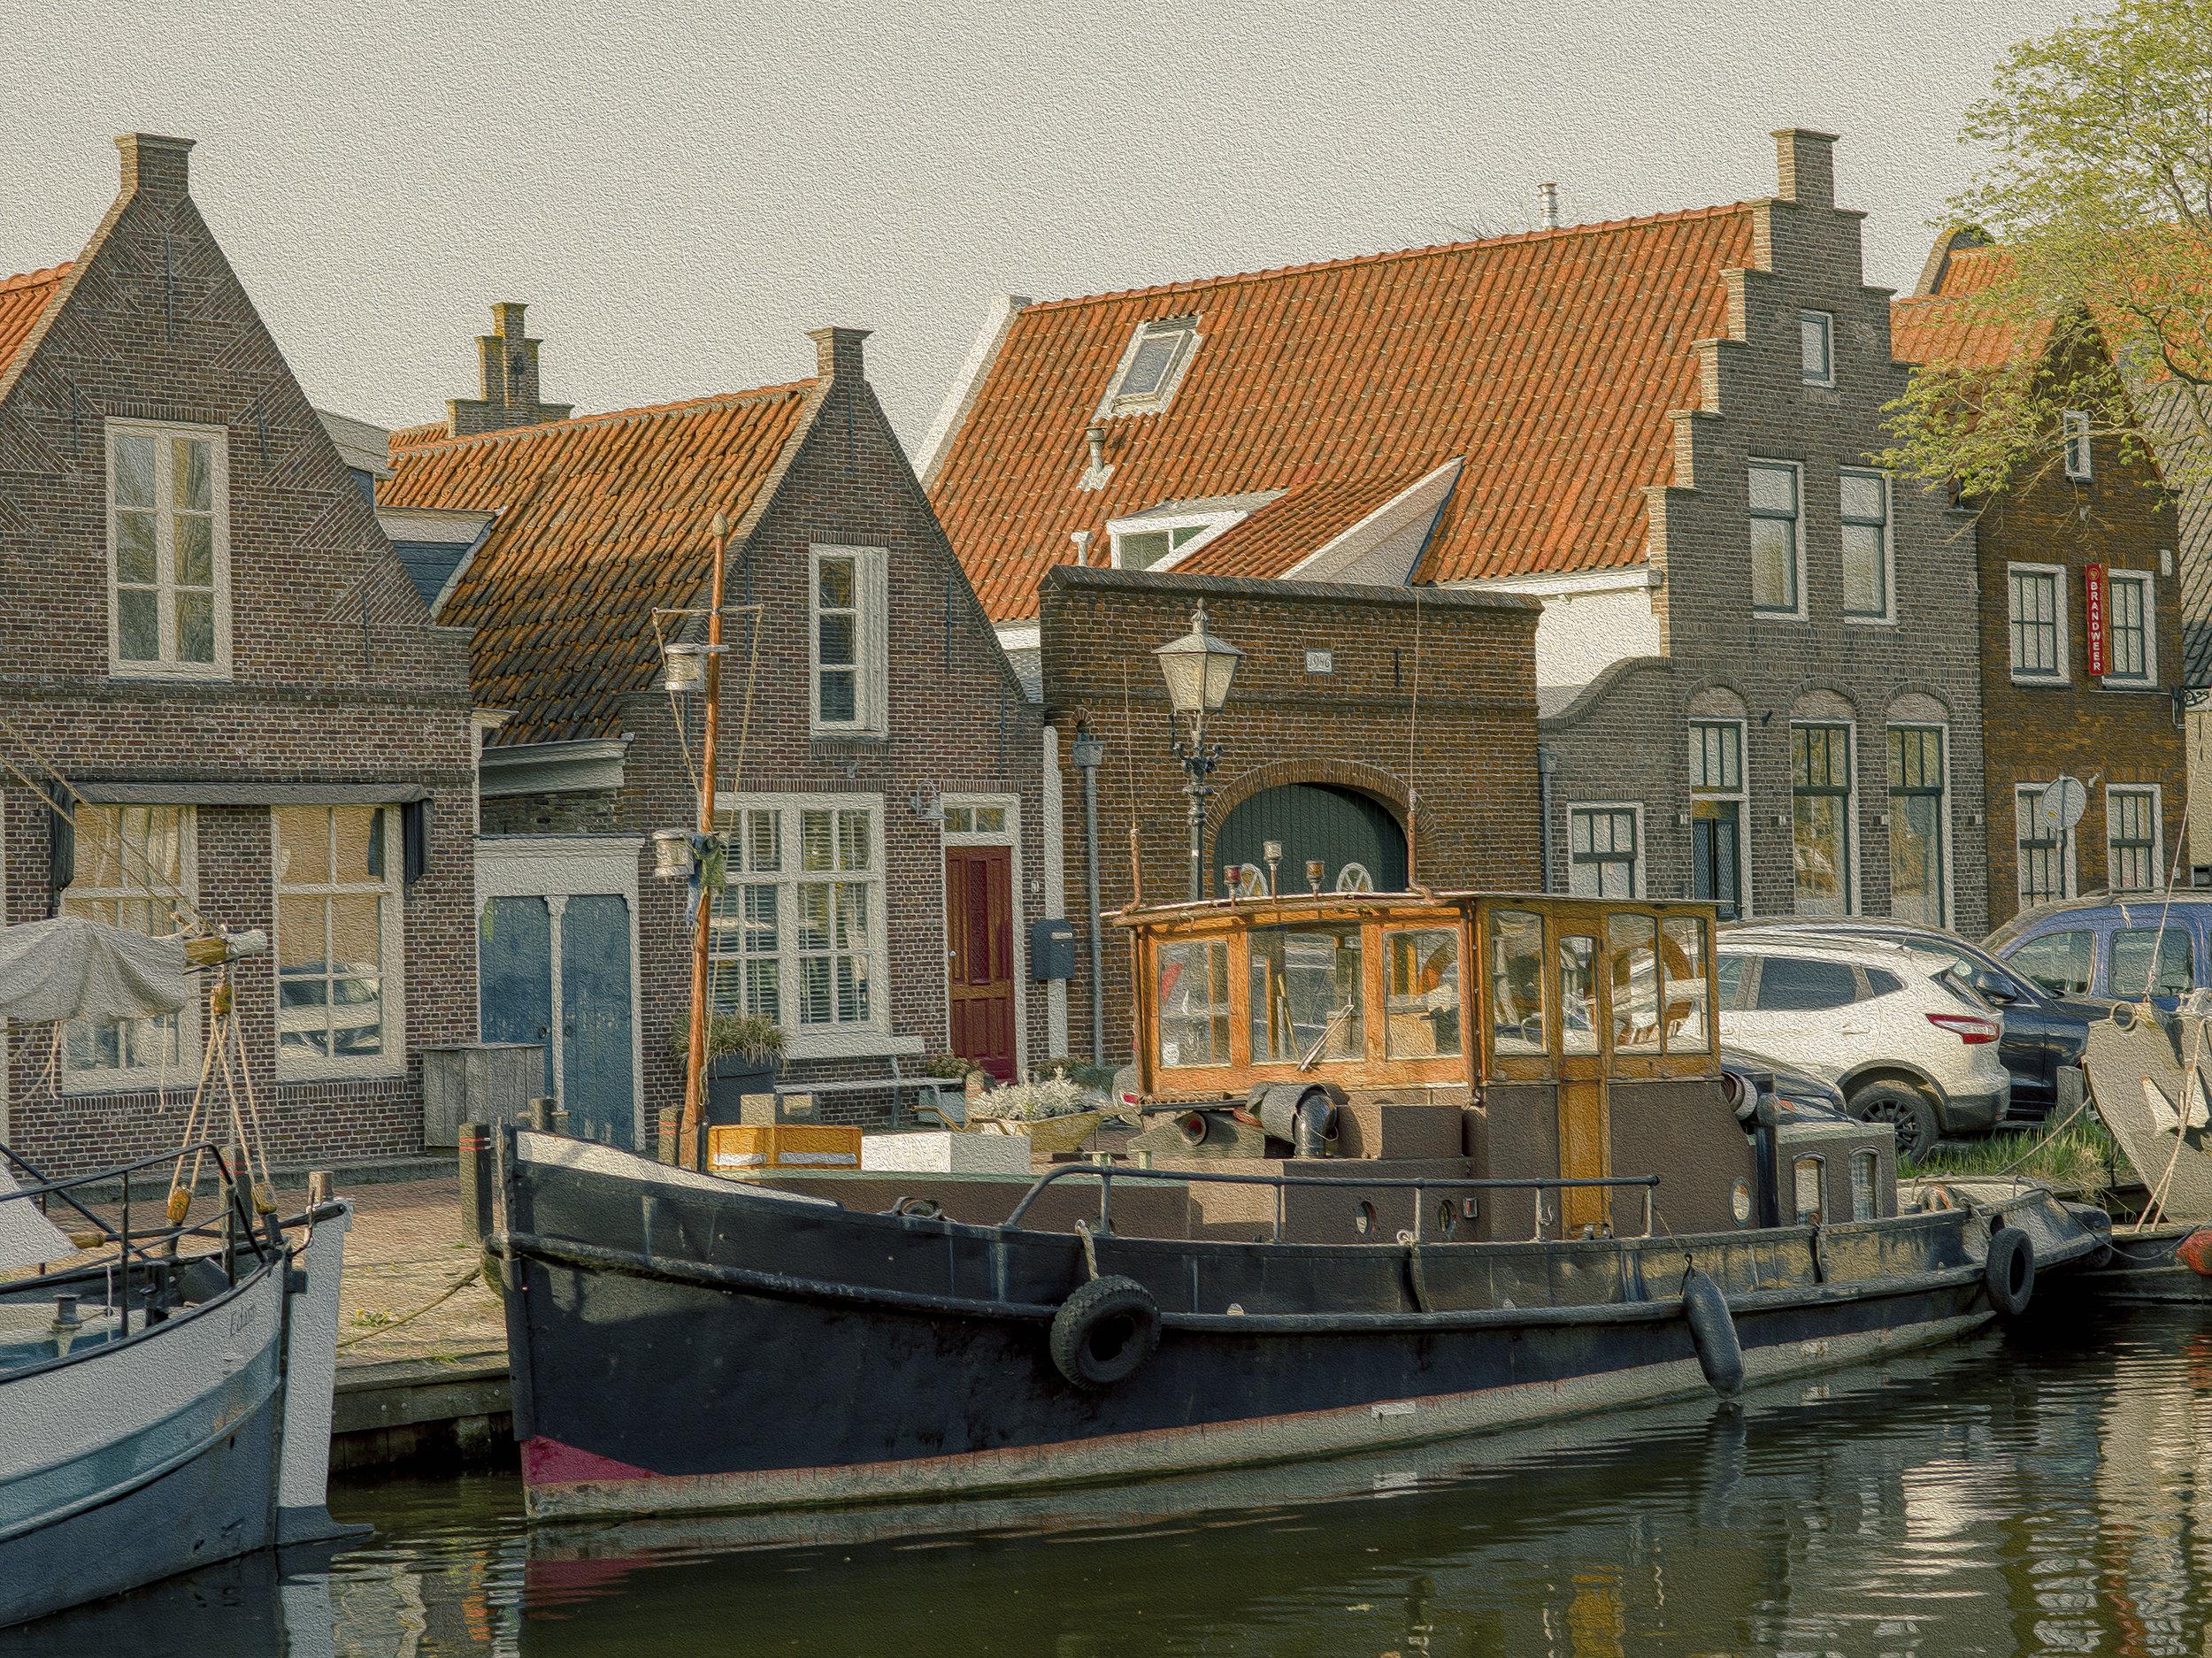 180421_Nieuwendammerdijk-Volendam-Edam_0241_etsy.jpg